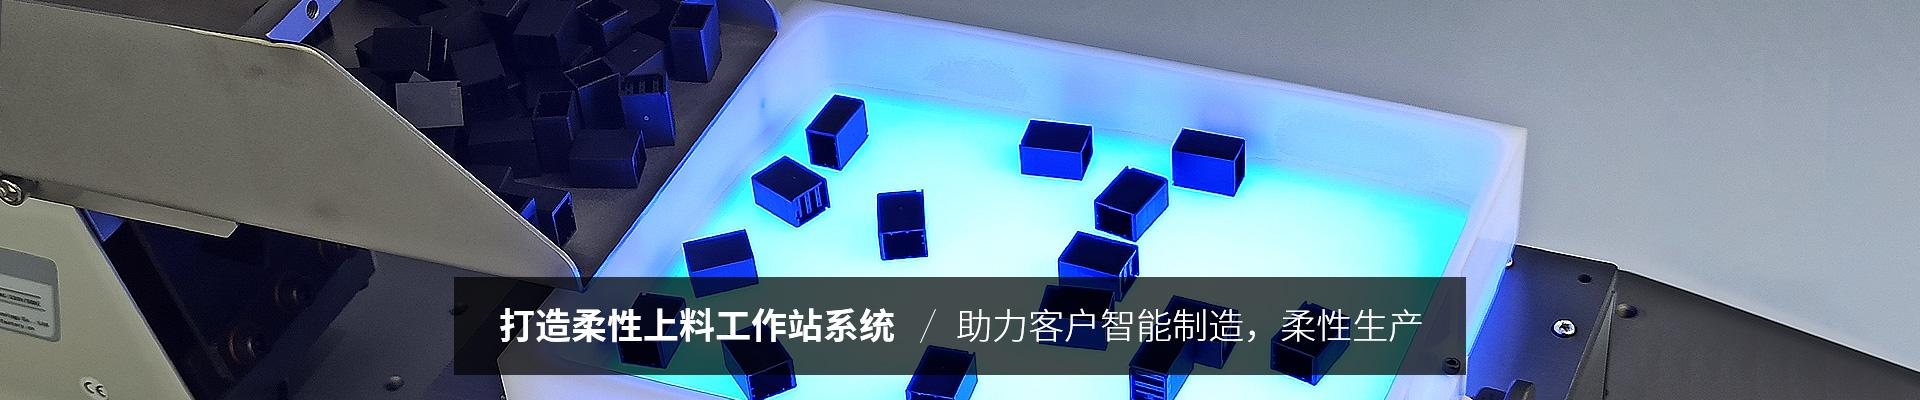 弗莱克斯柔性上料工作站-打造柔性上料工作站系统